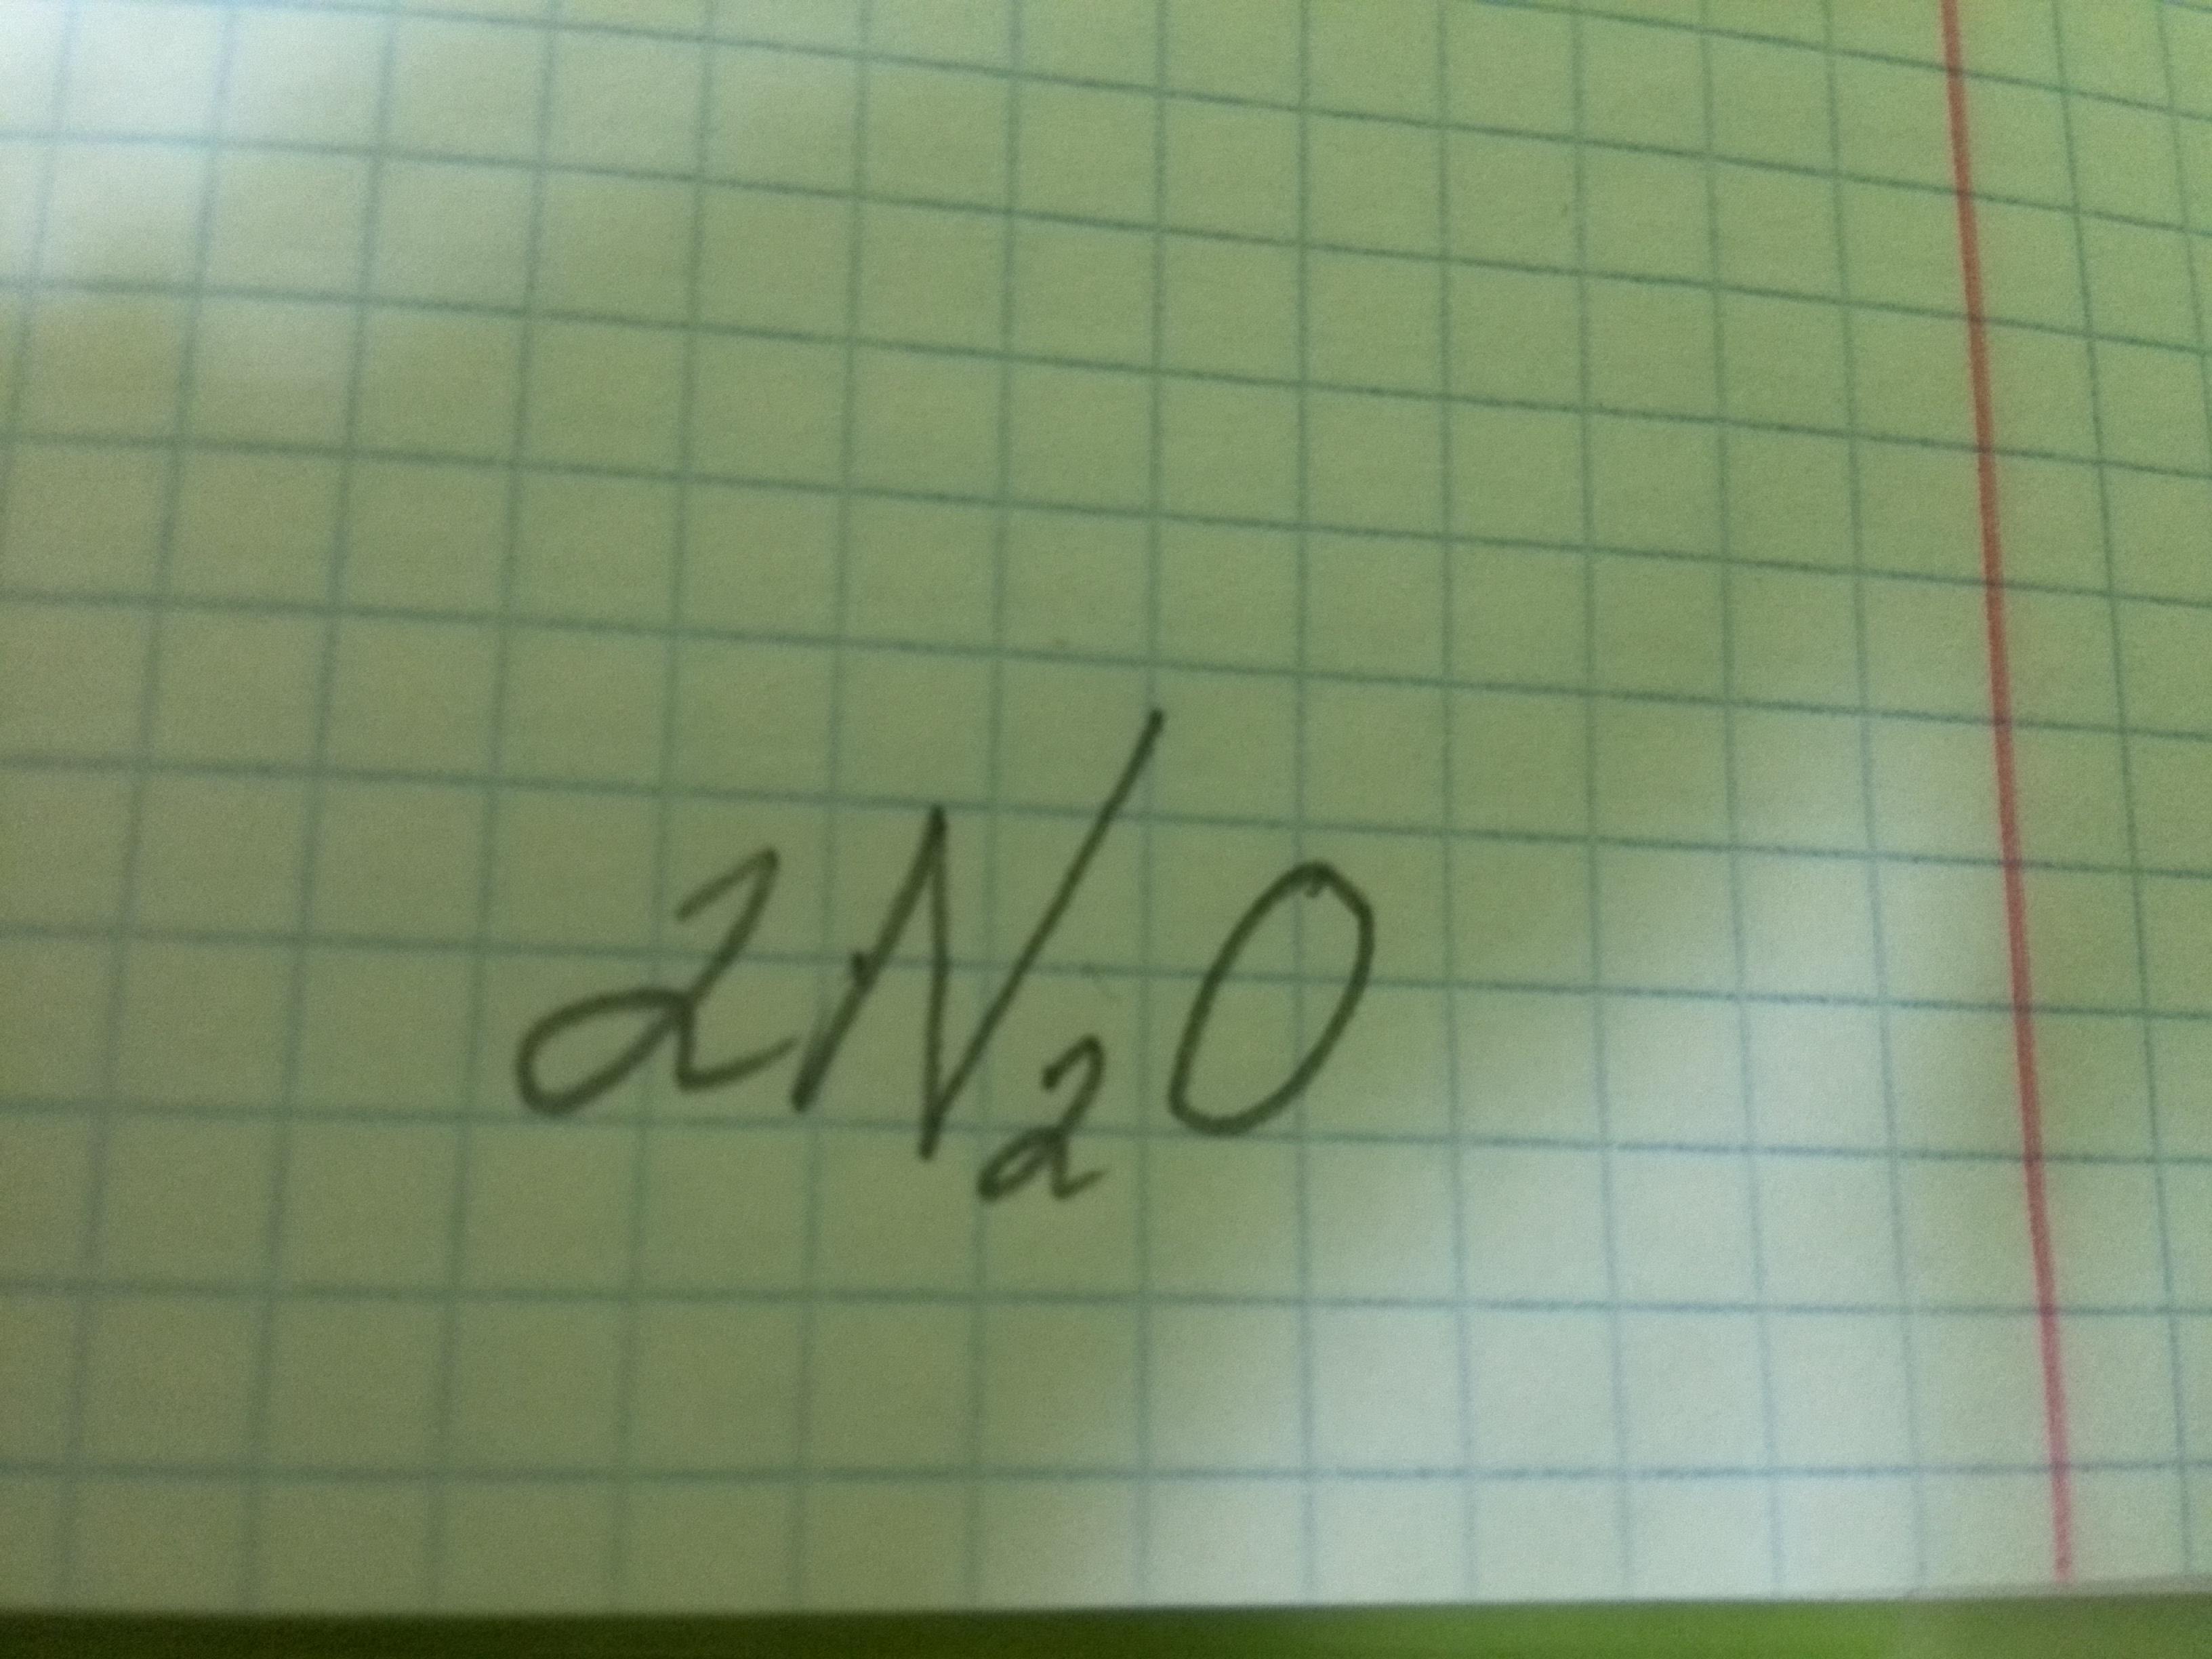 Что это в химии? (Фото ниже)Даю 20 баллов